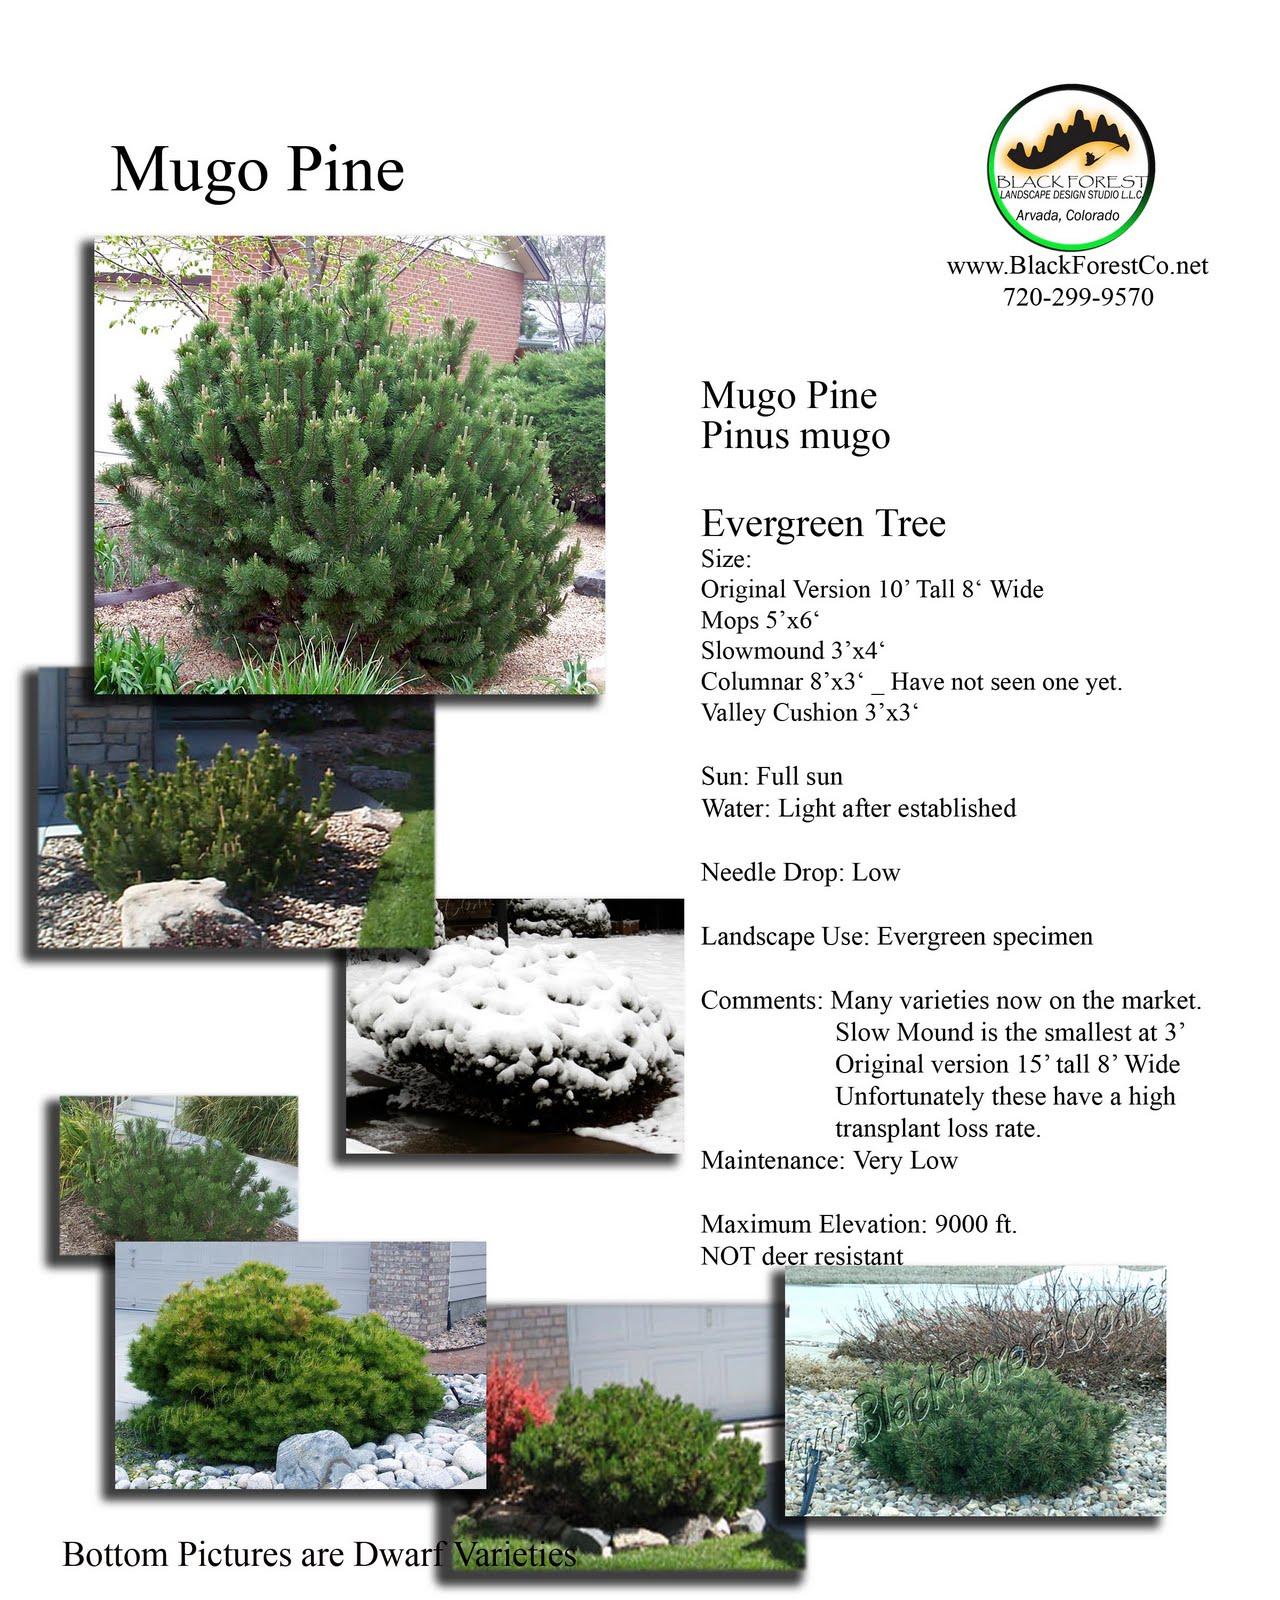 Denver Landscape Plants: Pinus Mugo - Mugo Pine